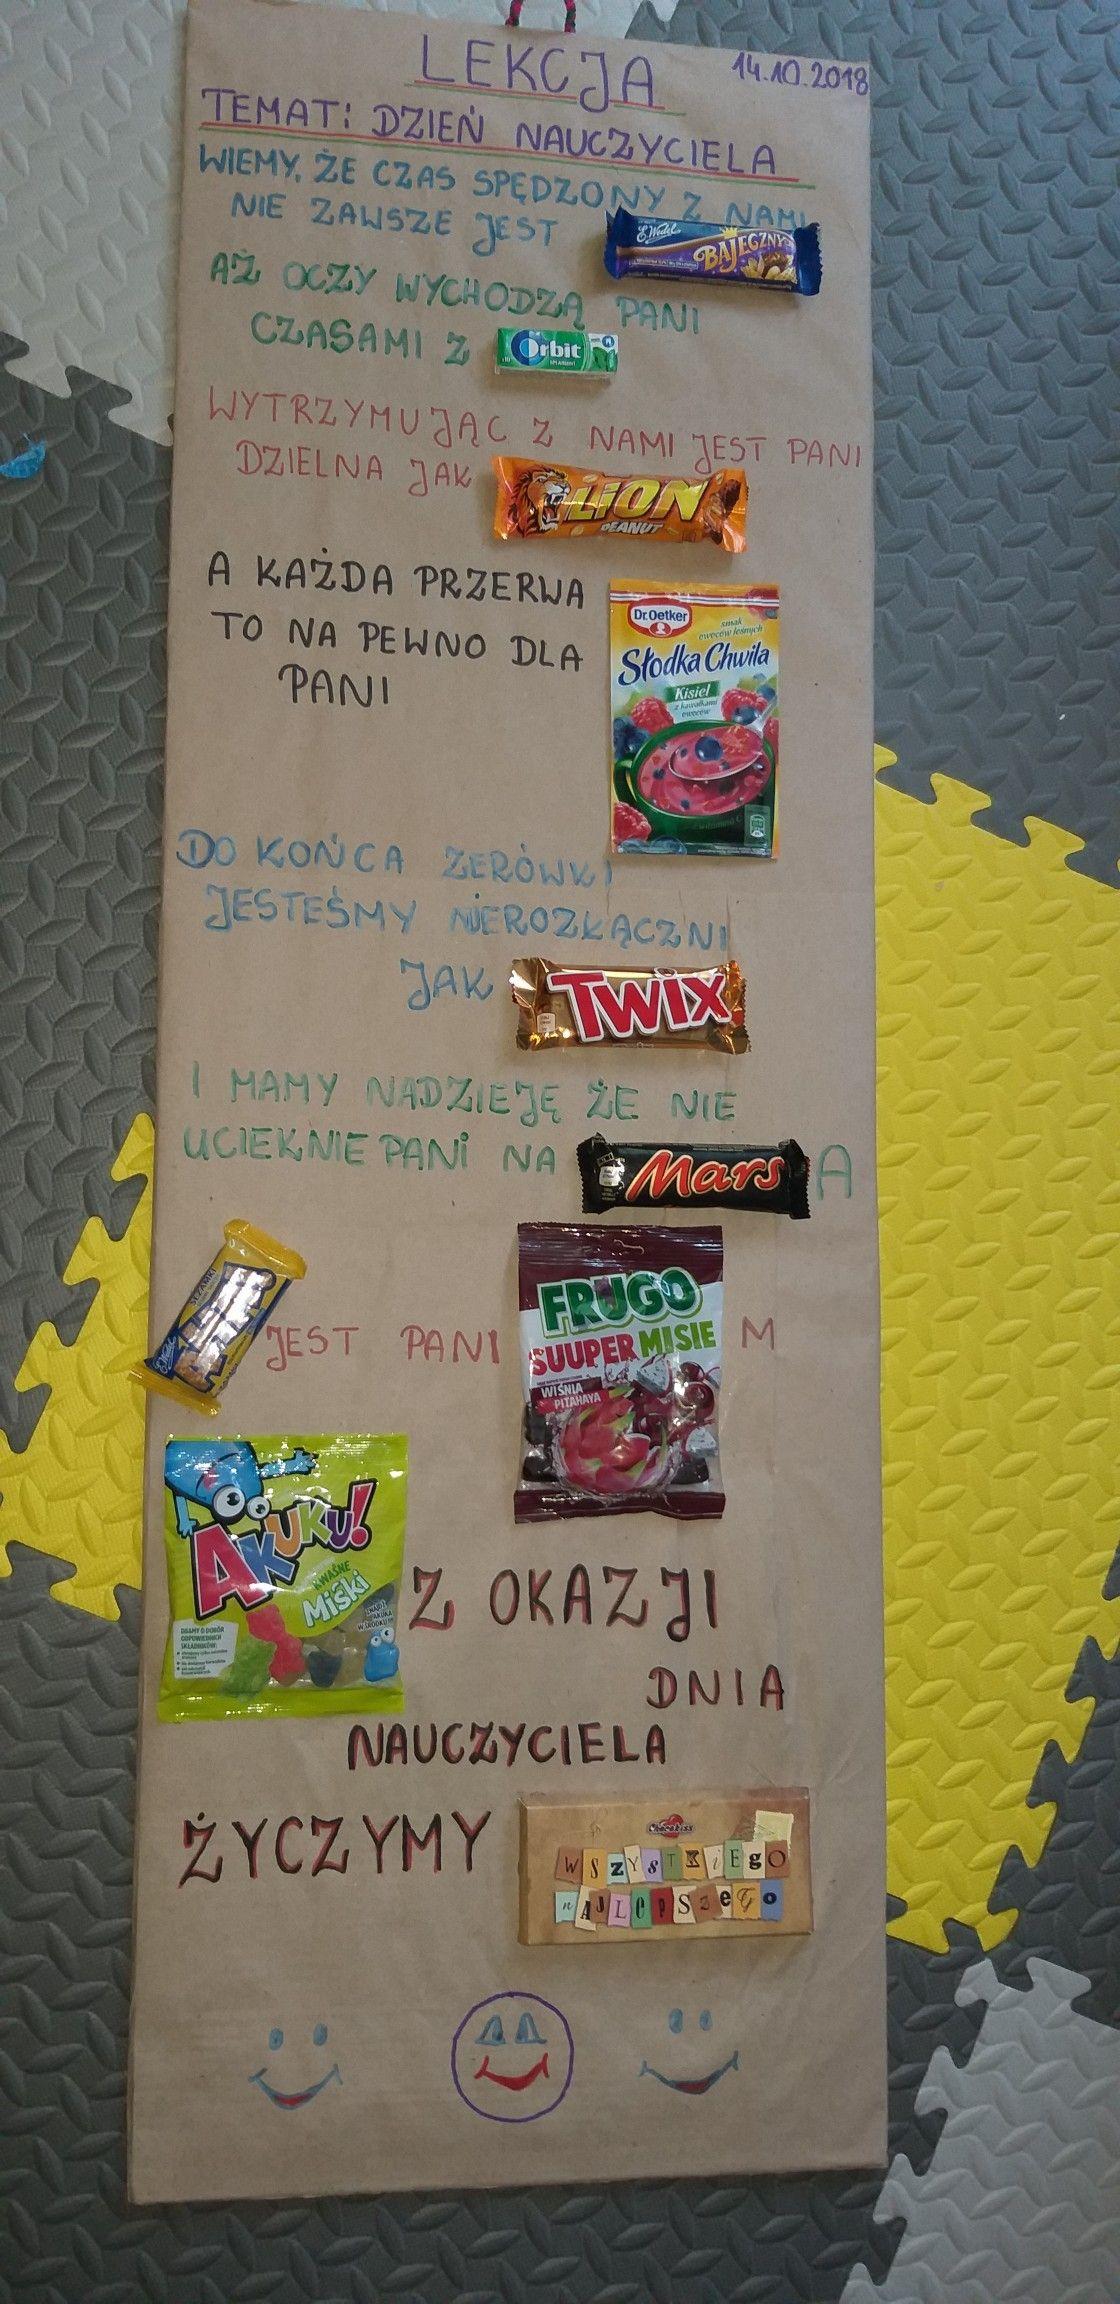 Dzien Nauczyciela Birthday Gifts For Best Friend Gift Inspo Best Friend Gifts